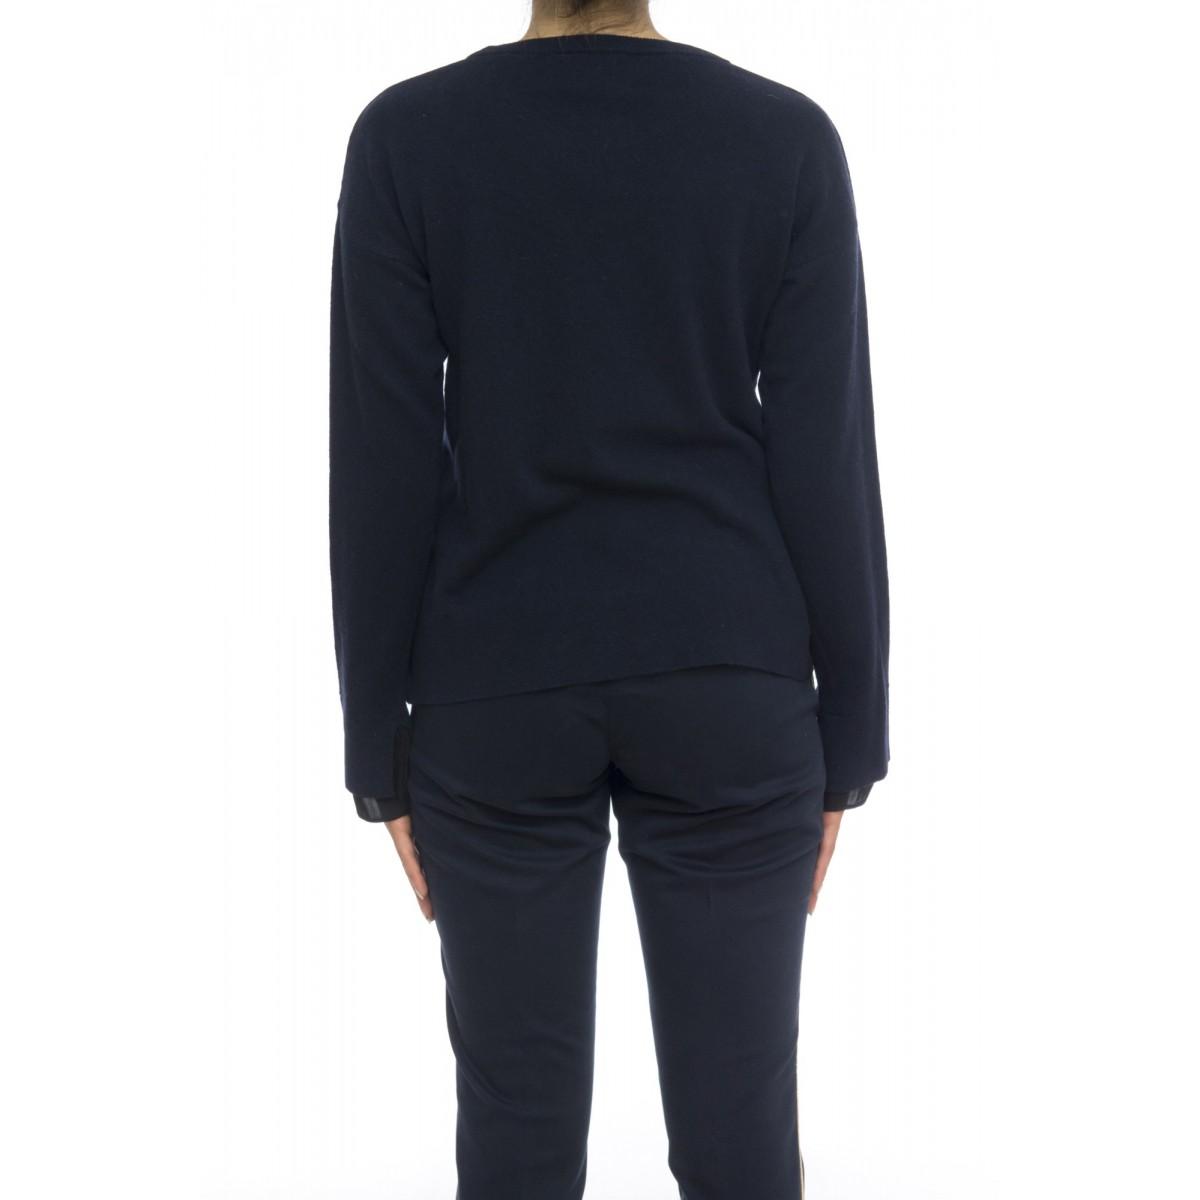 Maglia donna - J1316 maglia giro inserto